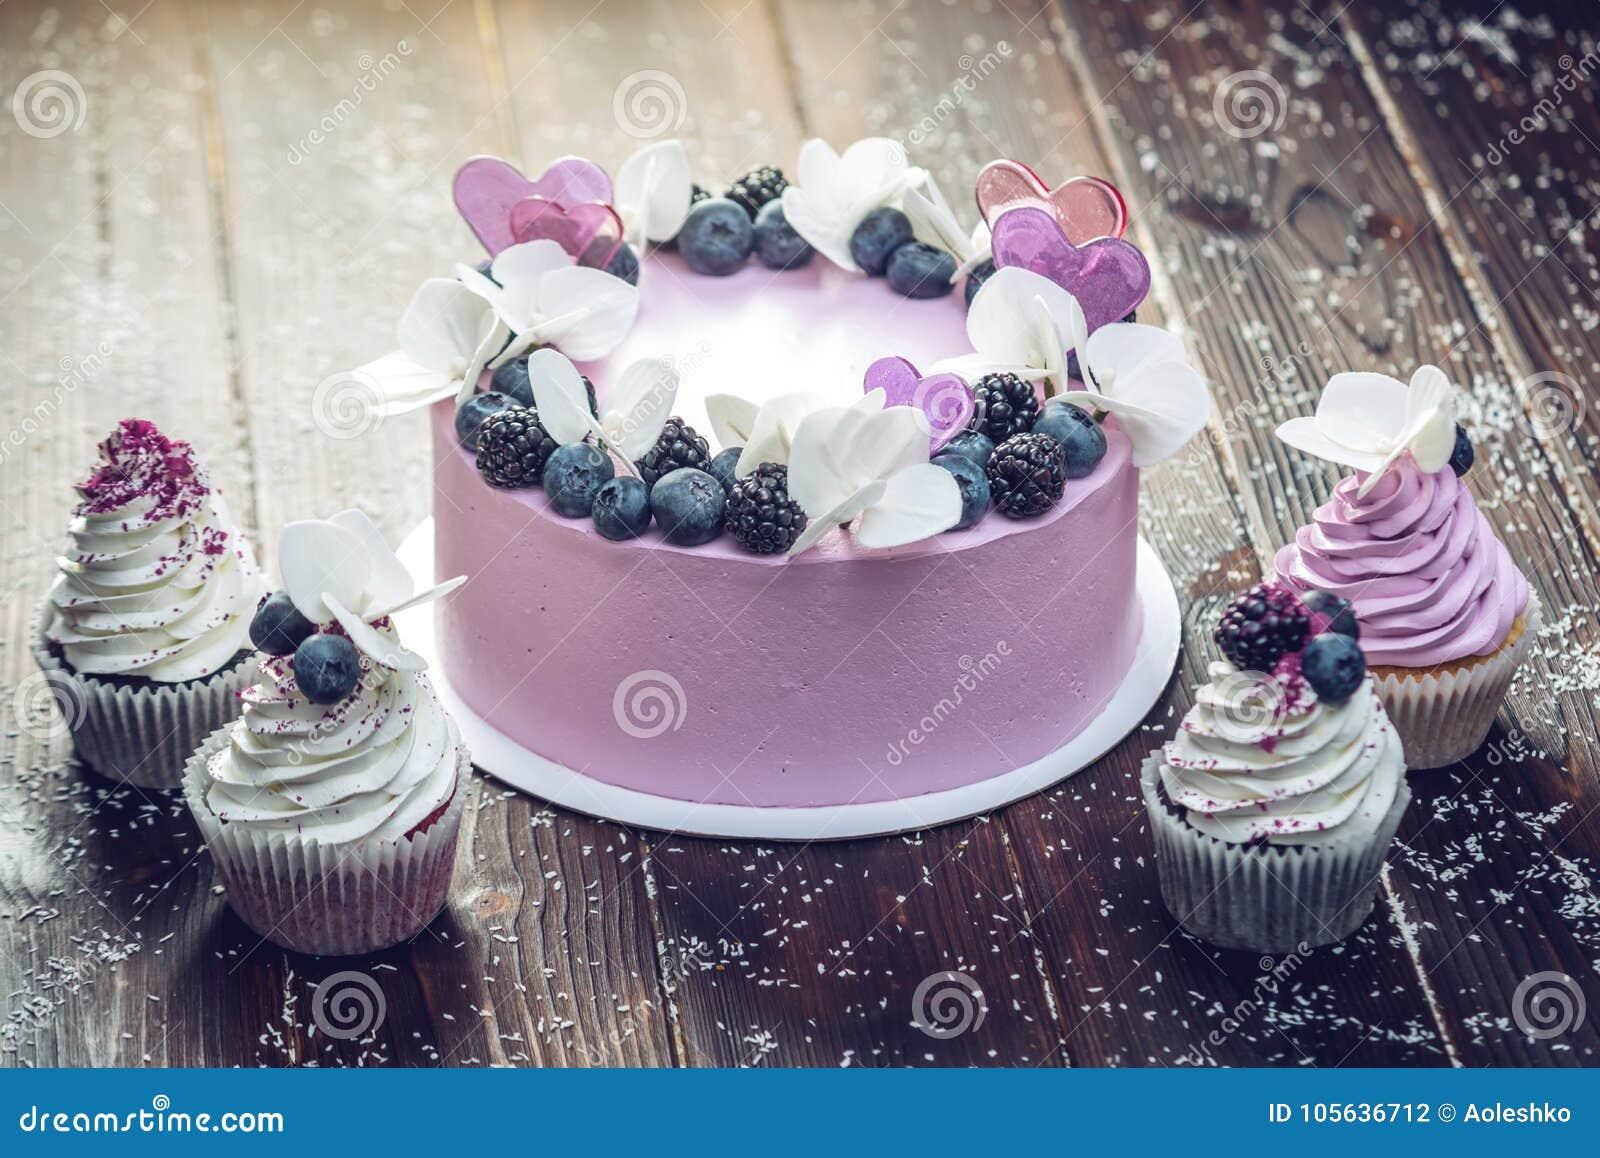 Purpurroter Schoner Kuchen Verziert Mit Beeren Brombeeren Und